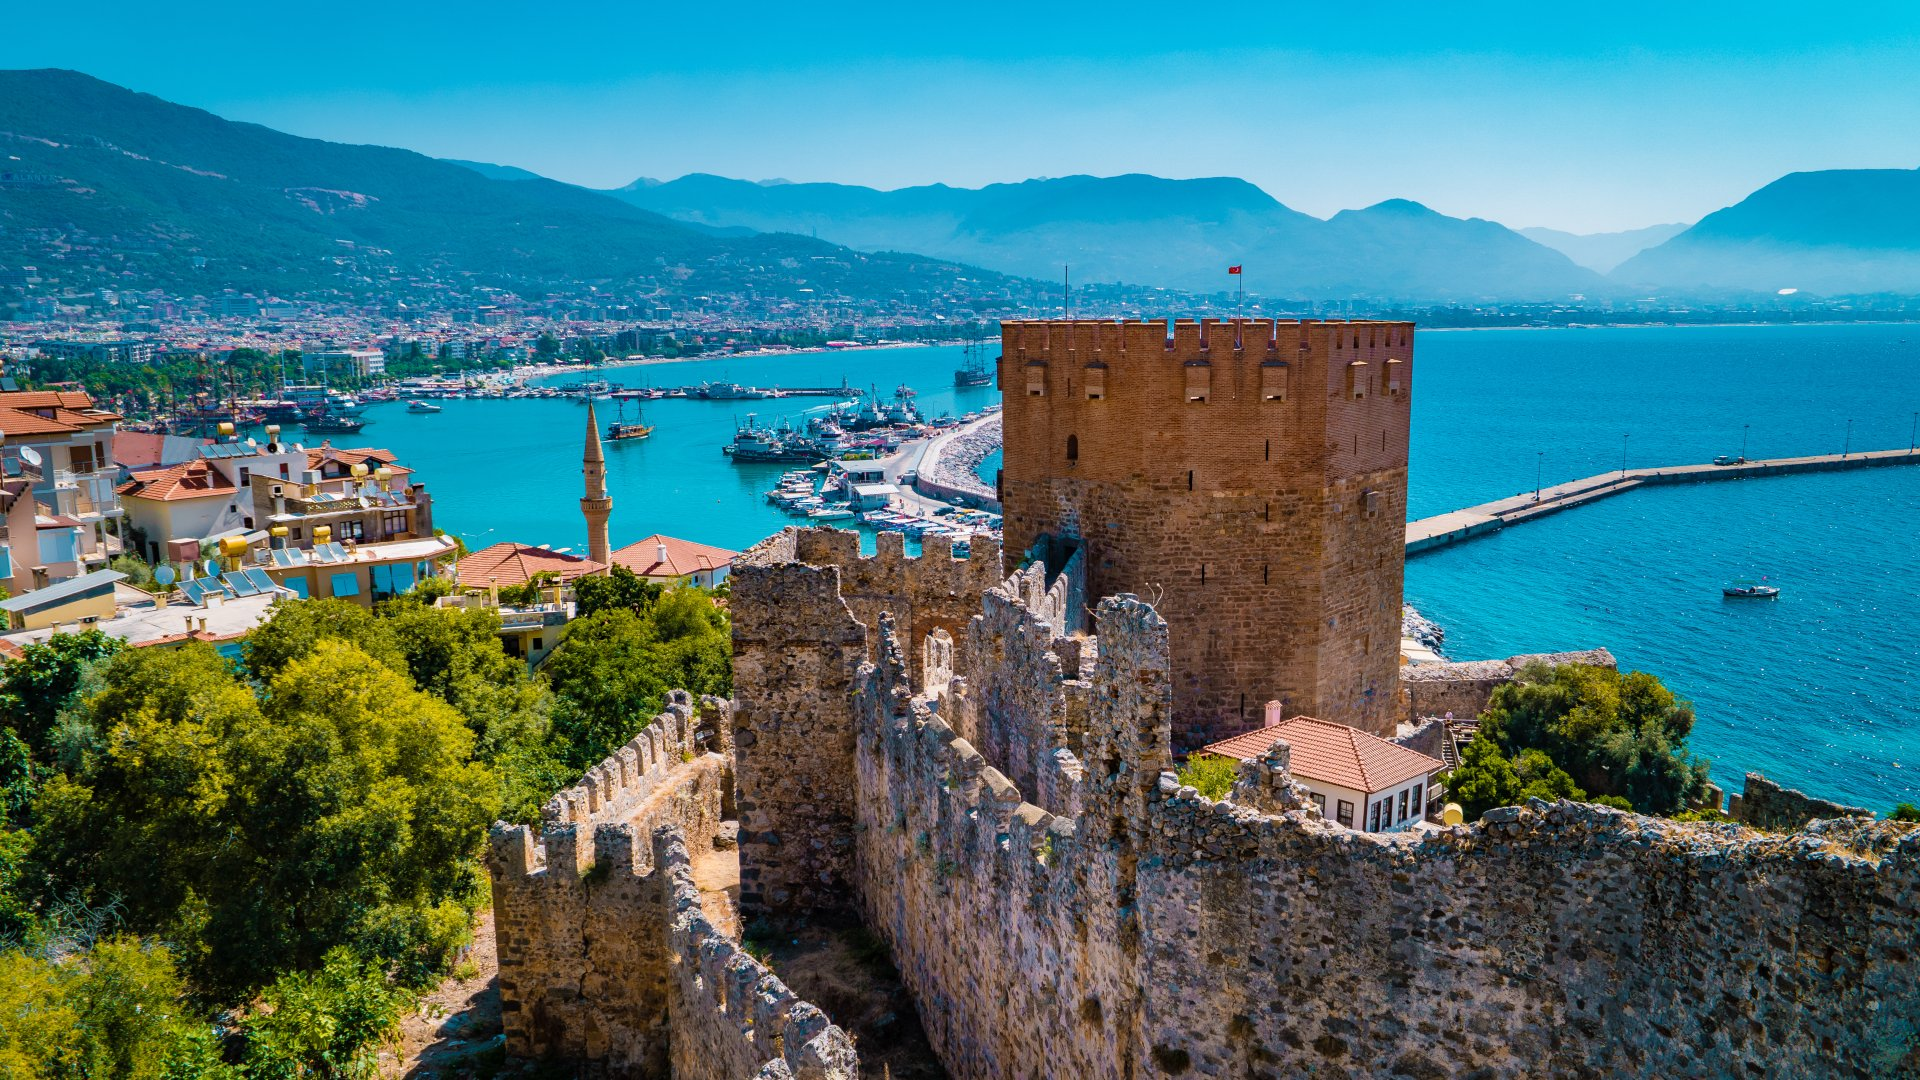 Antalya v Turecku a vše co potřebujete vědět pro krásnou dovolenou